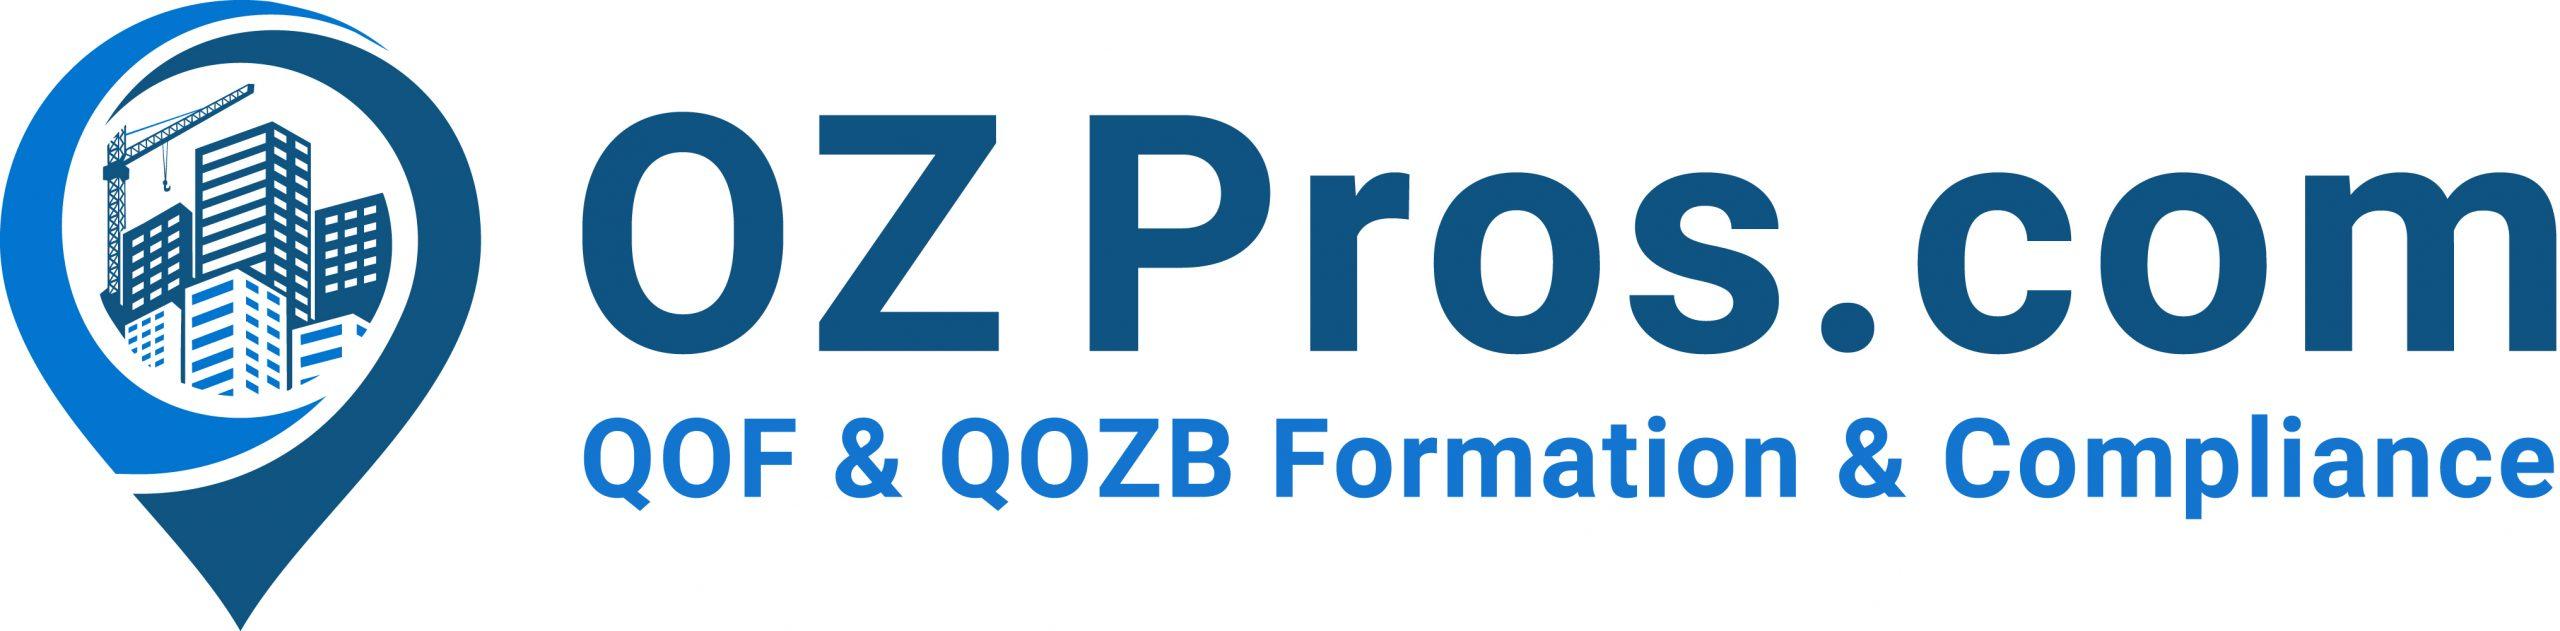 https://anysizedealsweek.com/wp-content/uploads/2021/06/OZ-Pros-Logo-scaled.jpg